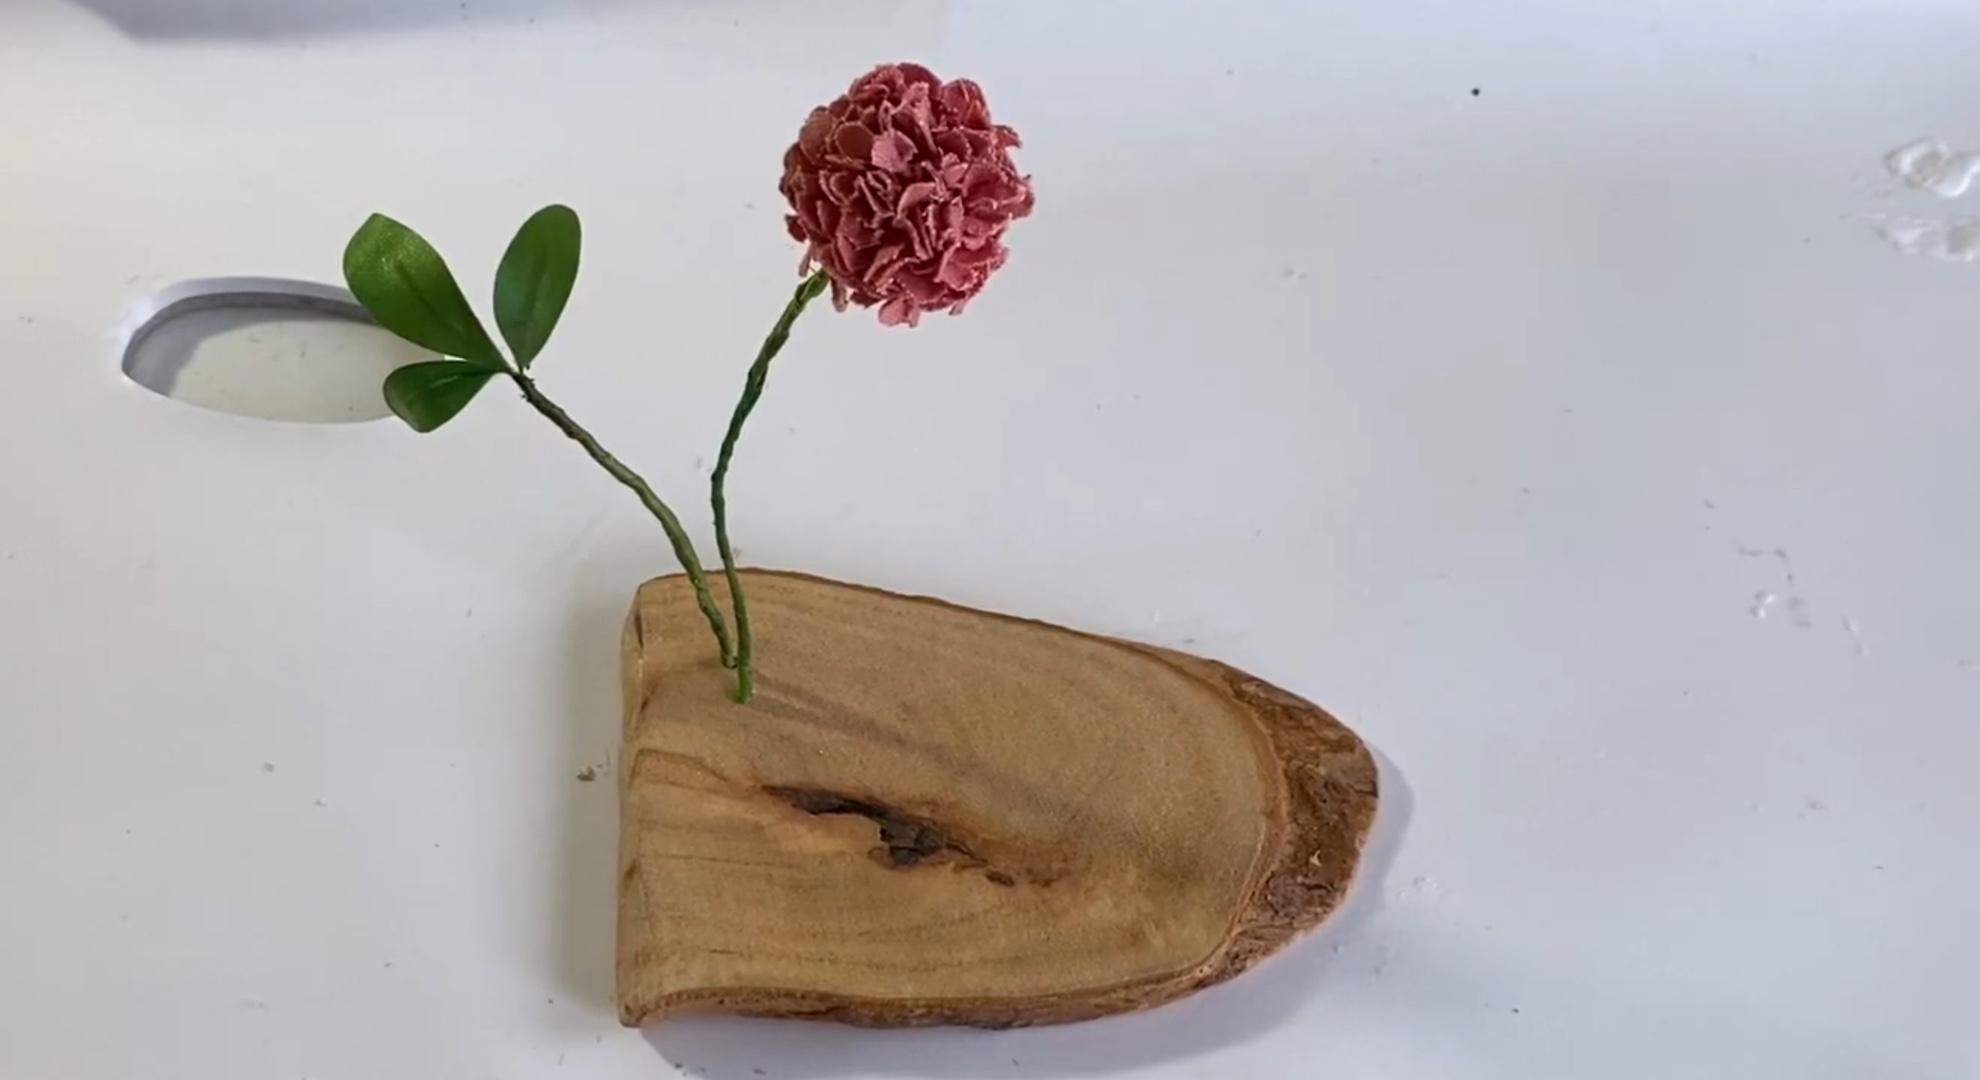 搬运转载一个简单的棉布绣球花制作视频